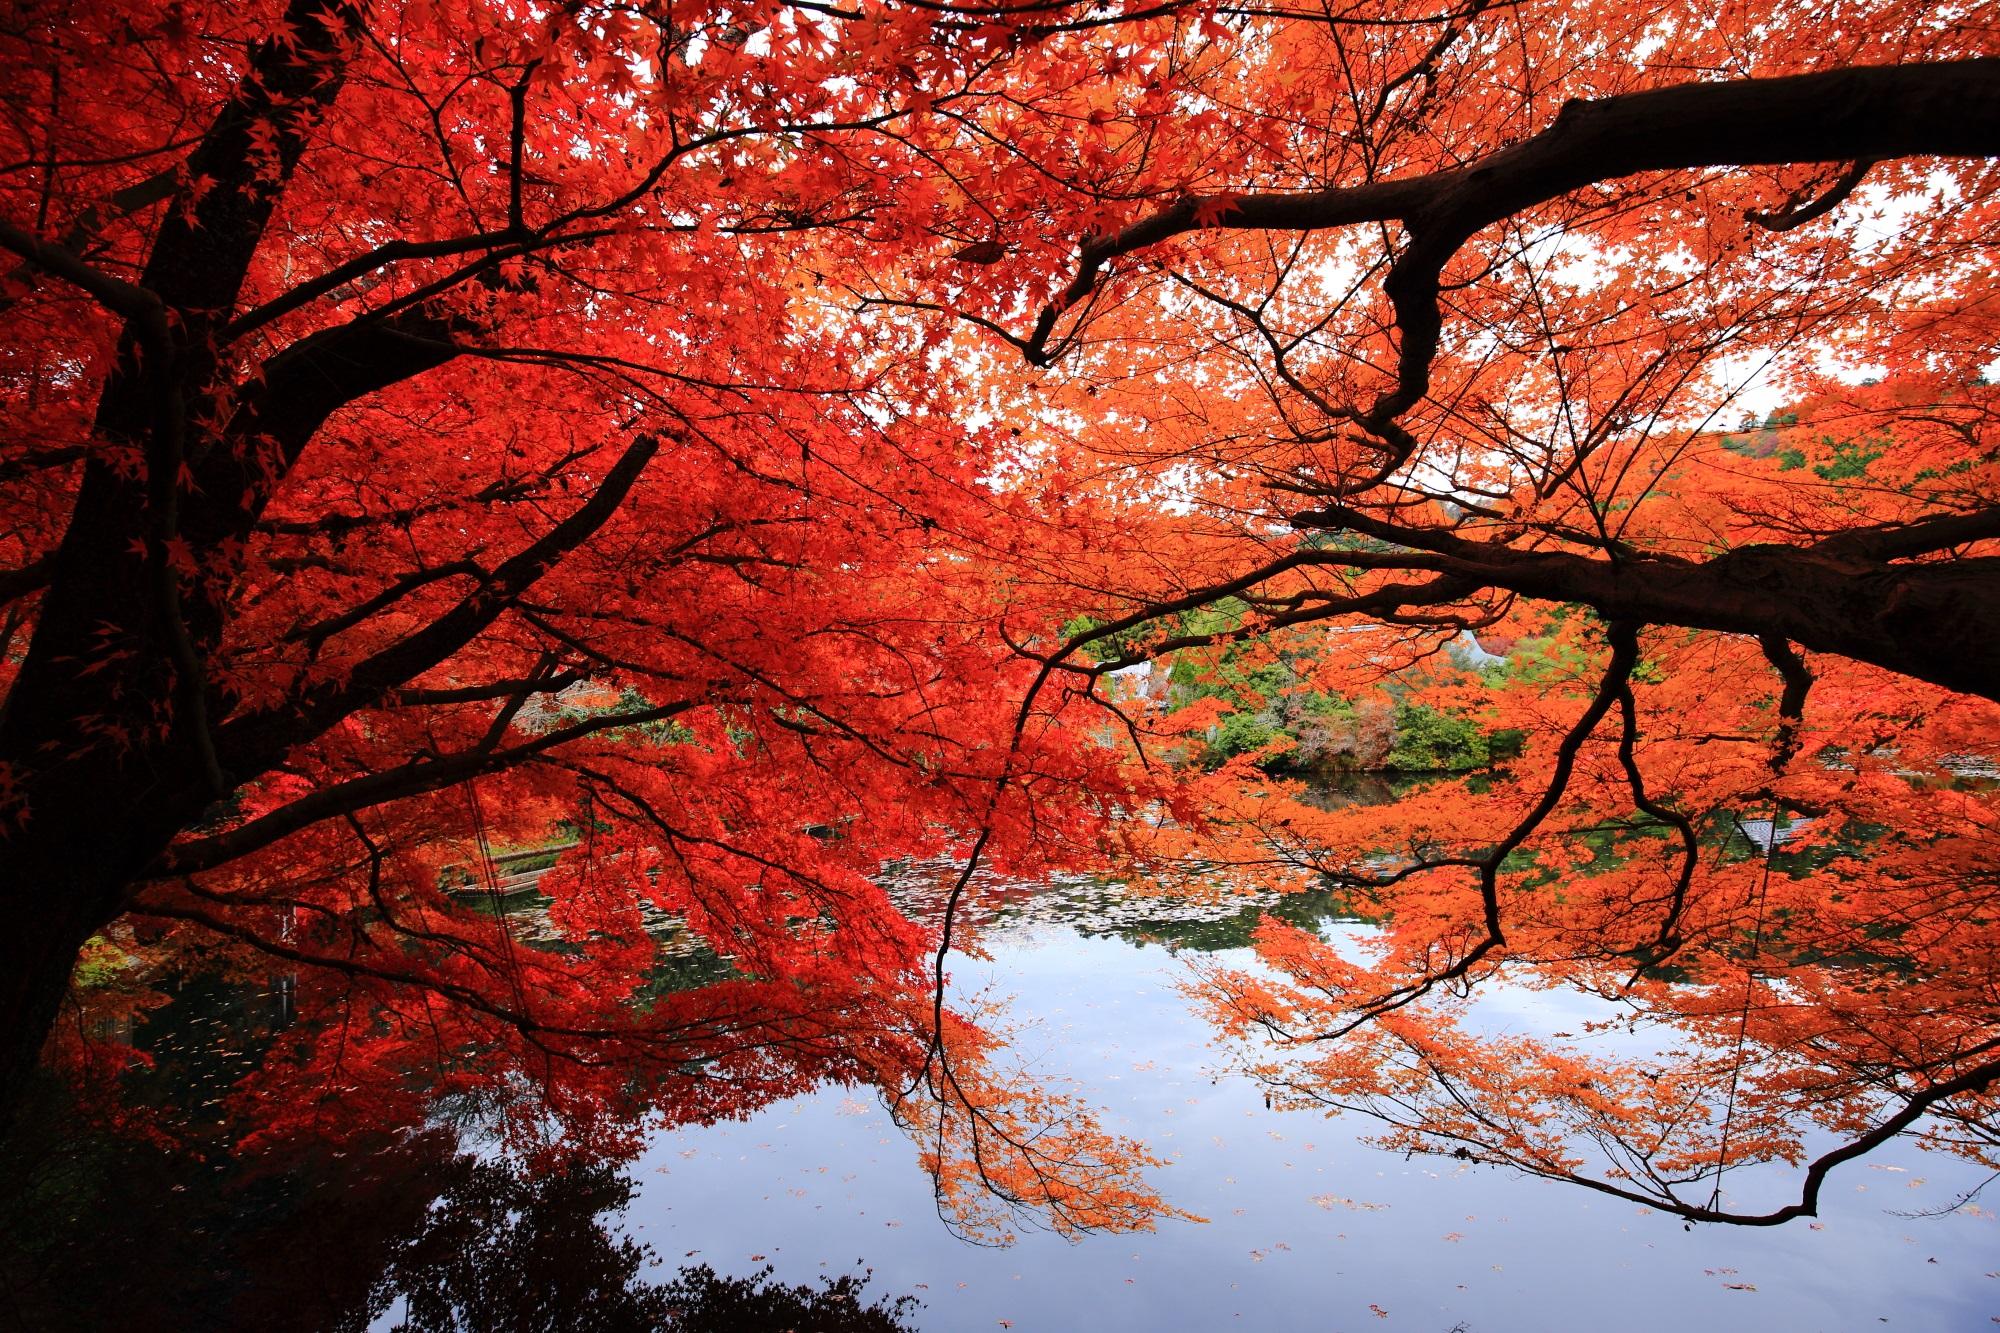 見ごろの紅葉につつまれた龍安寺の鏡容池